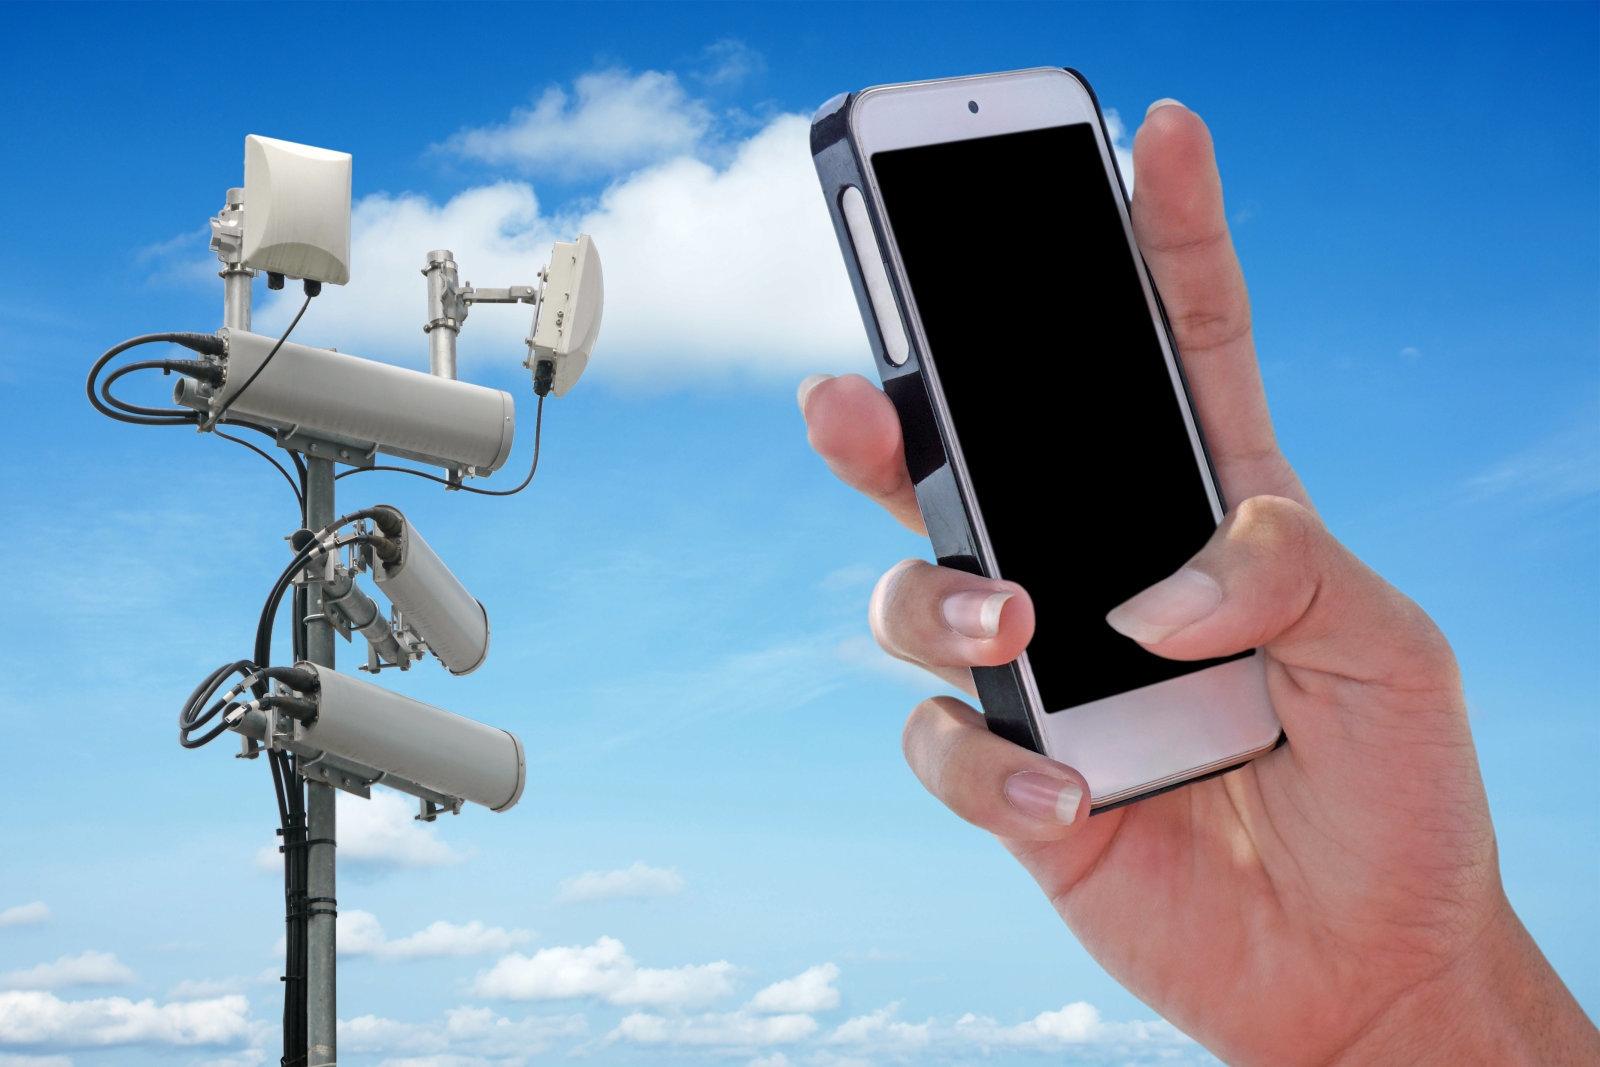 Amazon торгует нелицензированными усилителями сигнала сотовой связи